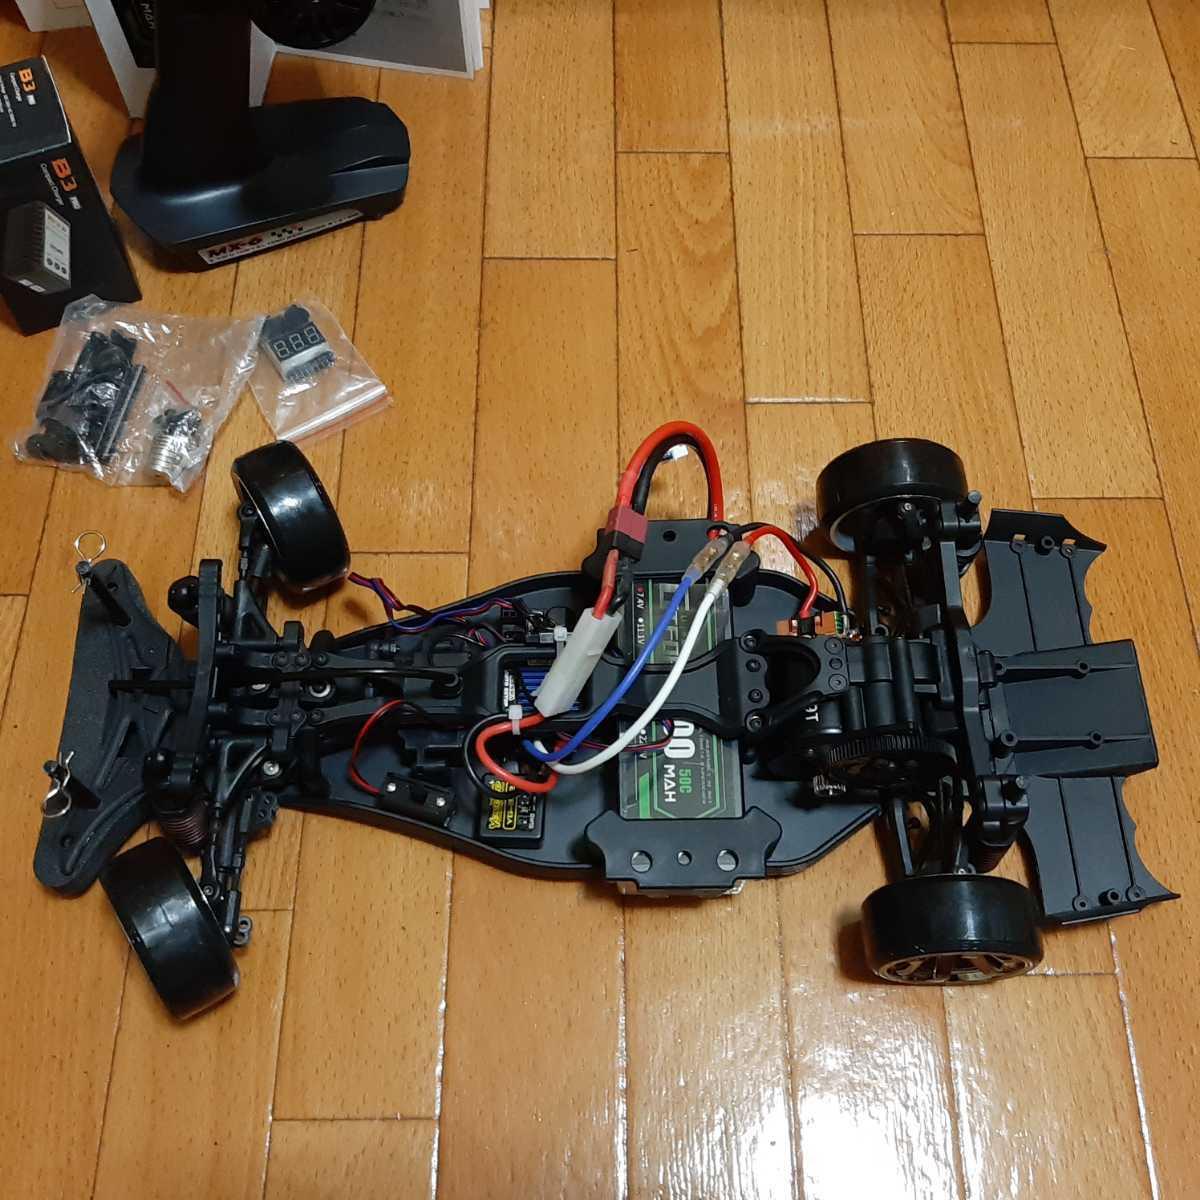 動画あり 即決《送料無料》 激安 YD-2 フルセット  豪華メカ 2駆 RWD ラジコン ドリパケ ヨコモ tt01 tt02 ドリフト ジャイロ